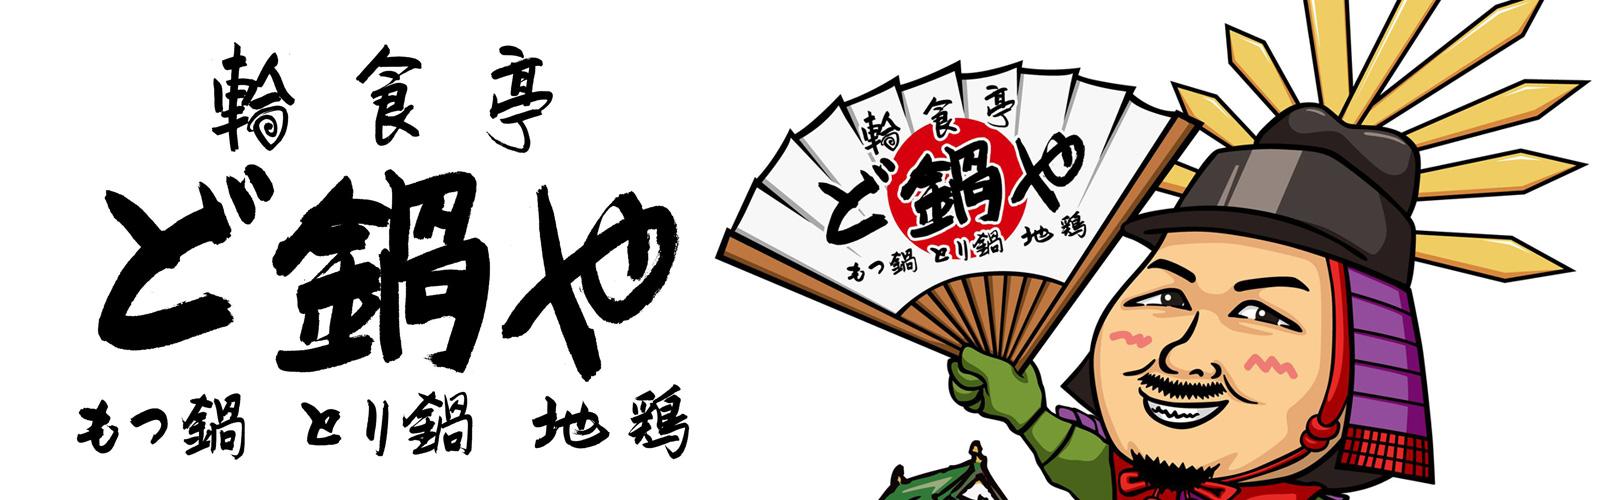 ど鍋や 緑橋本店(大阪・緑橋)